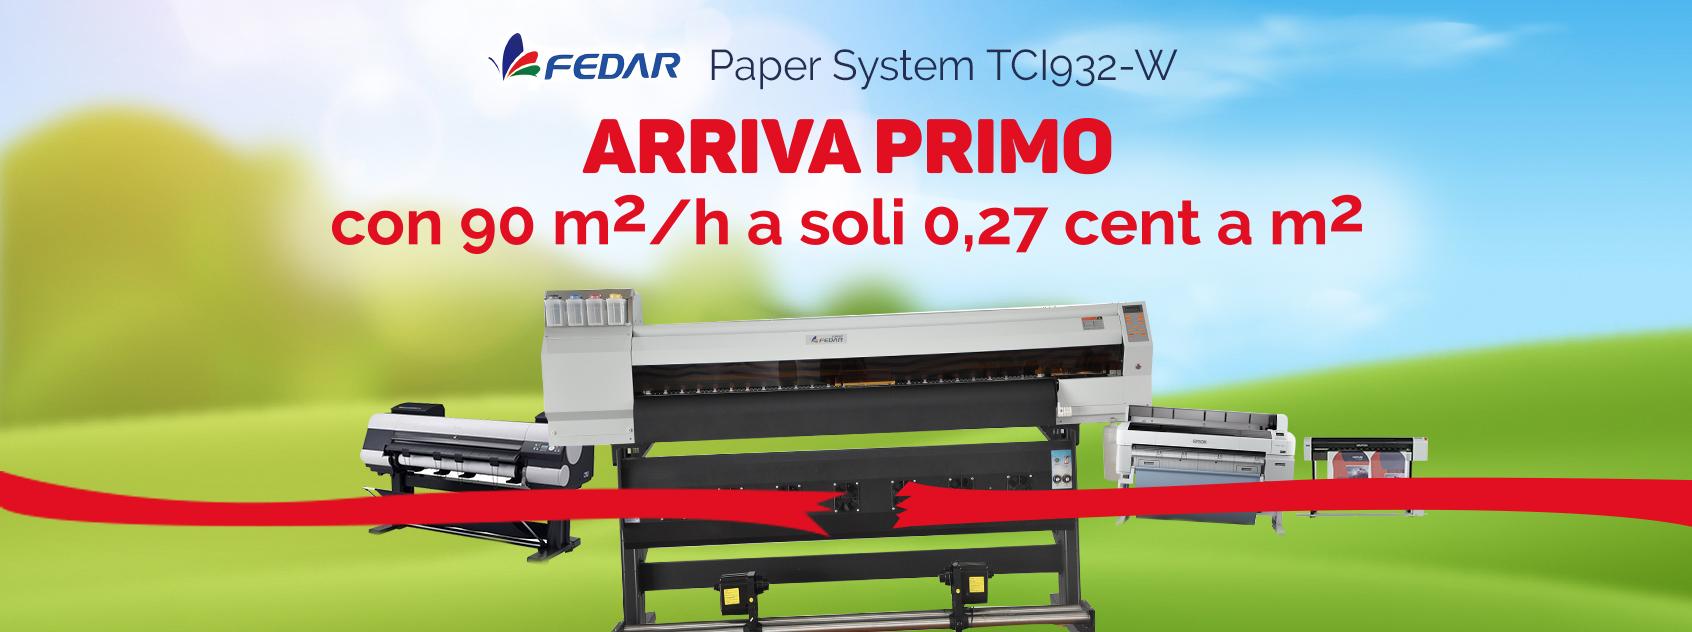 Fedar Paper System TCl932-W